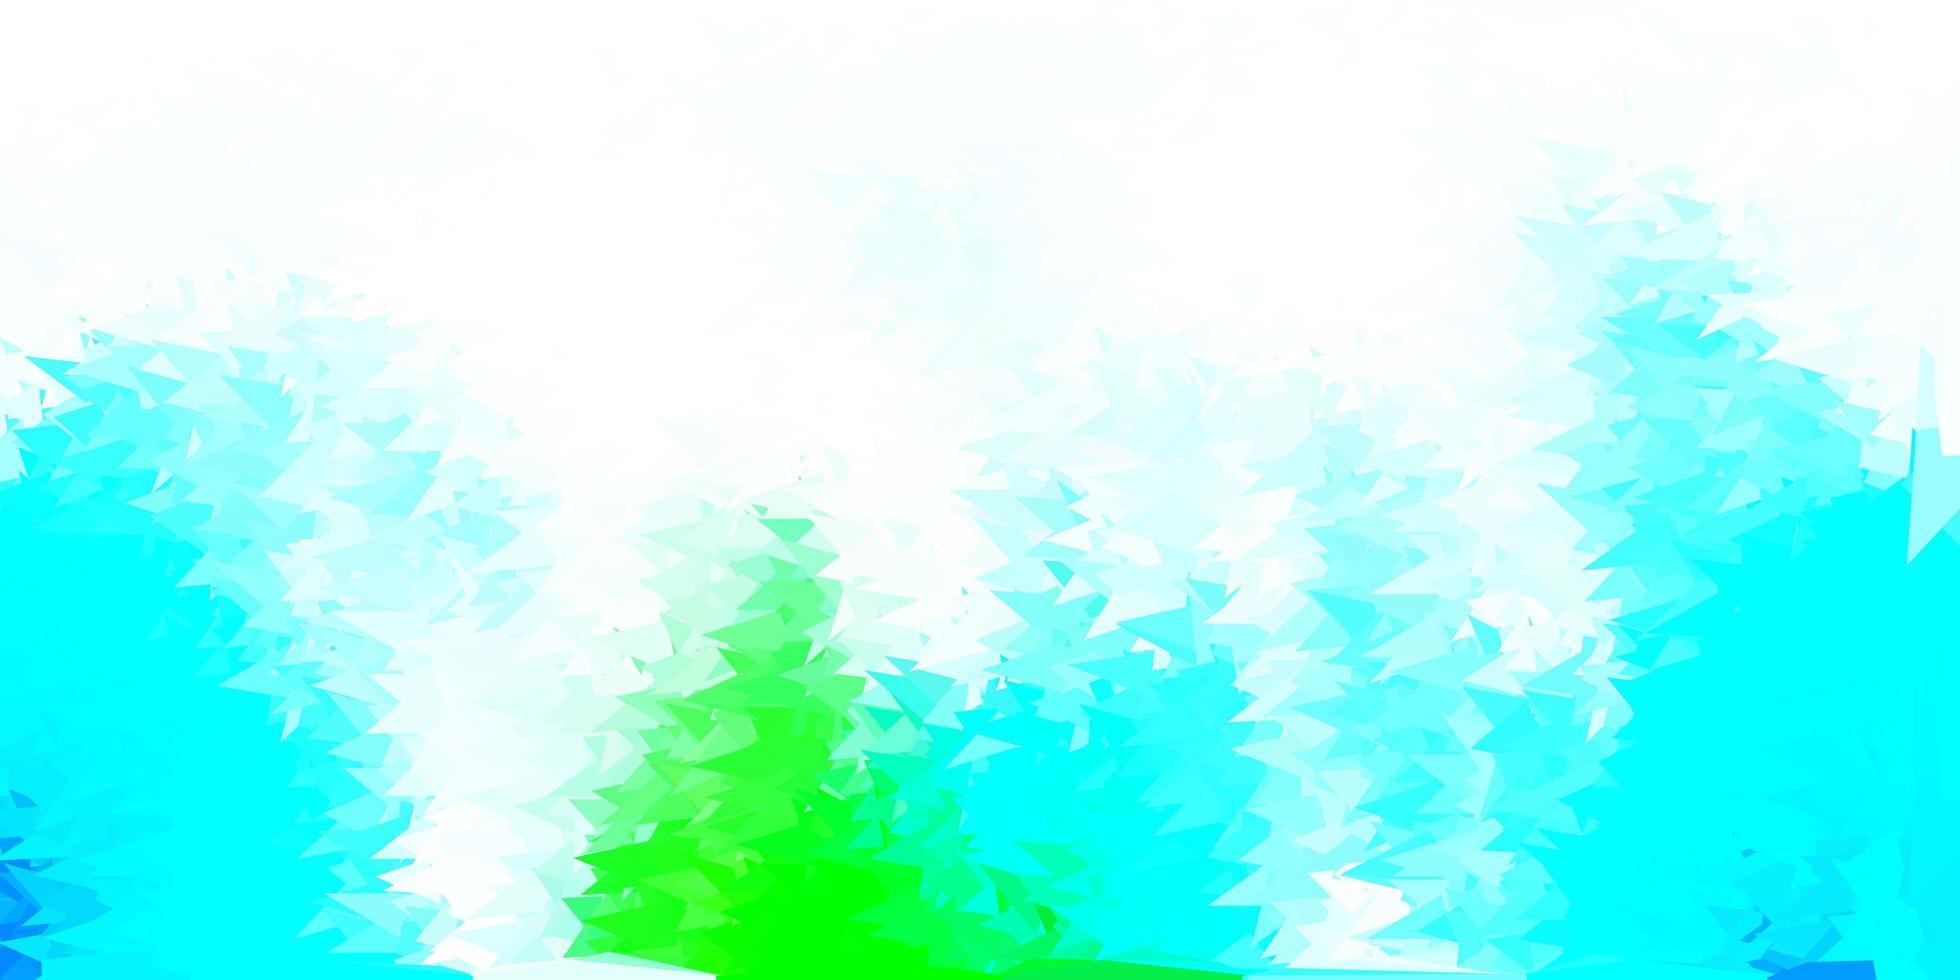 ljusblå, grön vektor abstrakt triangel mall.